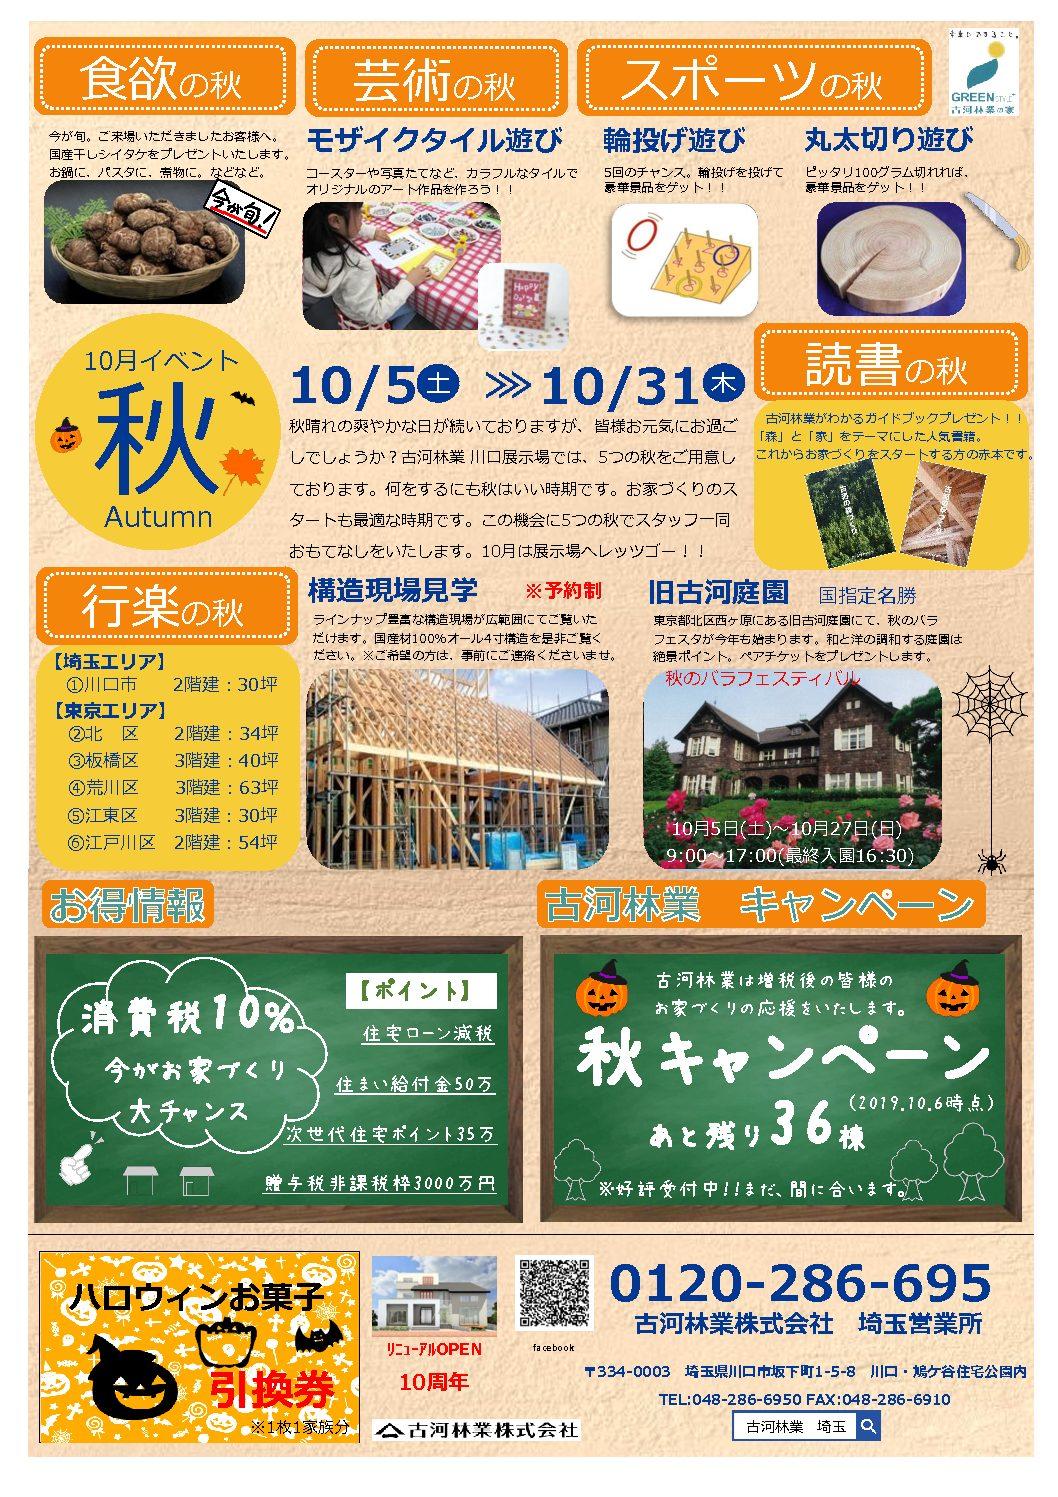 秋を楽しもう!10月のイベント情報!!【川口】